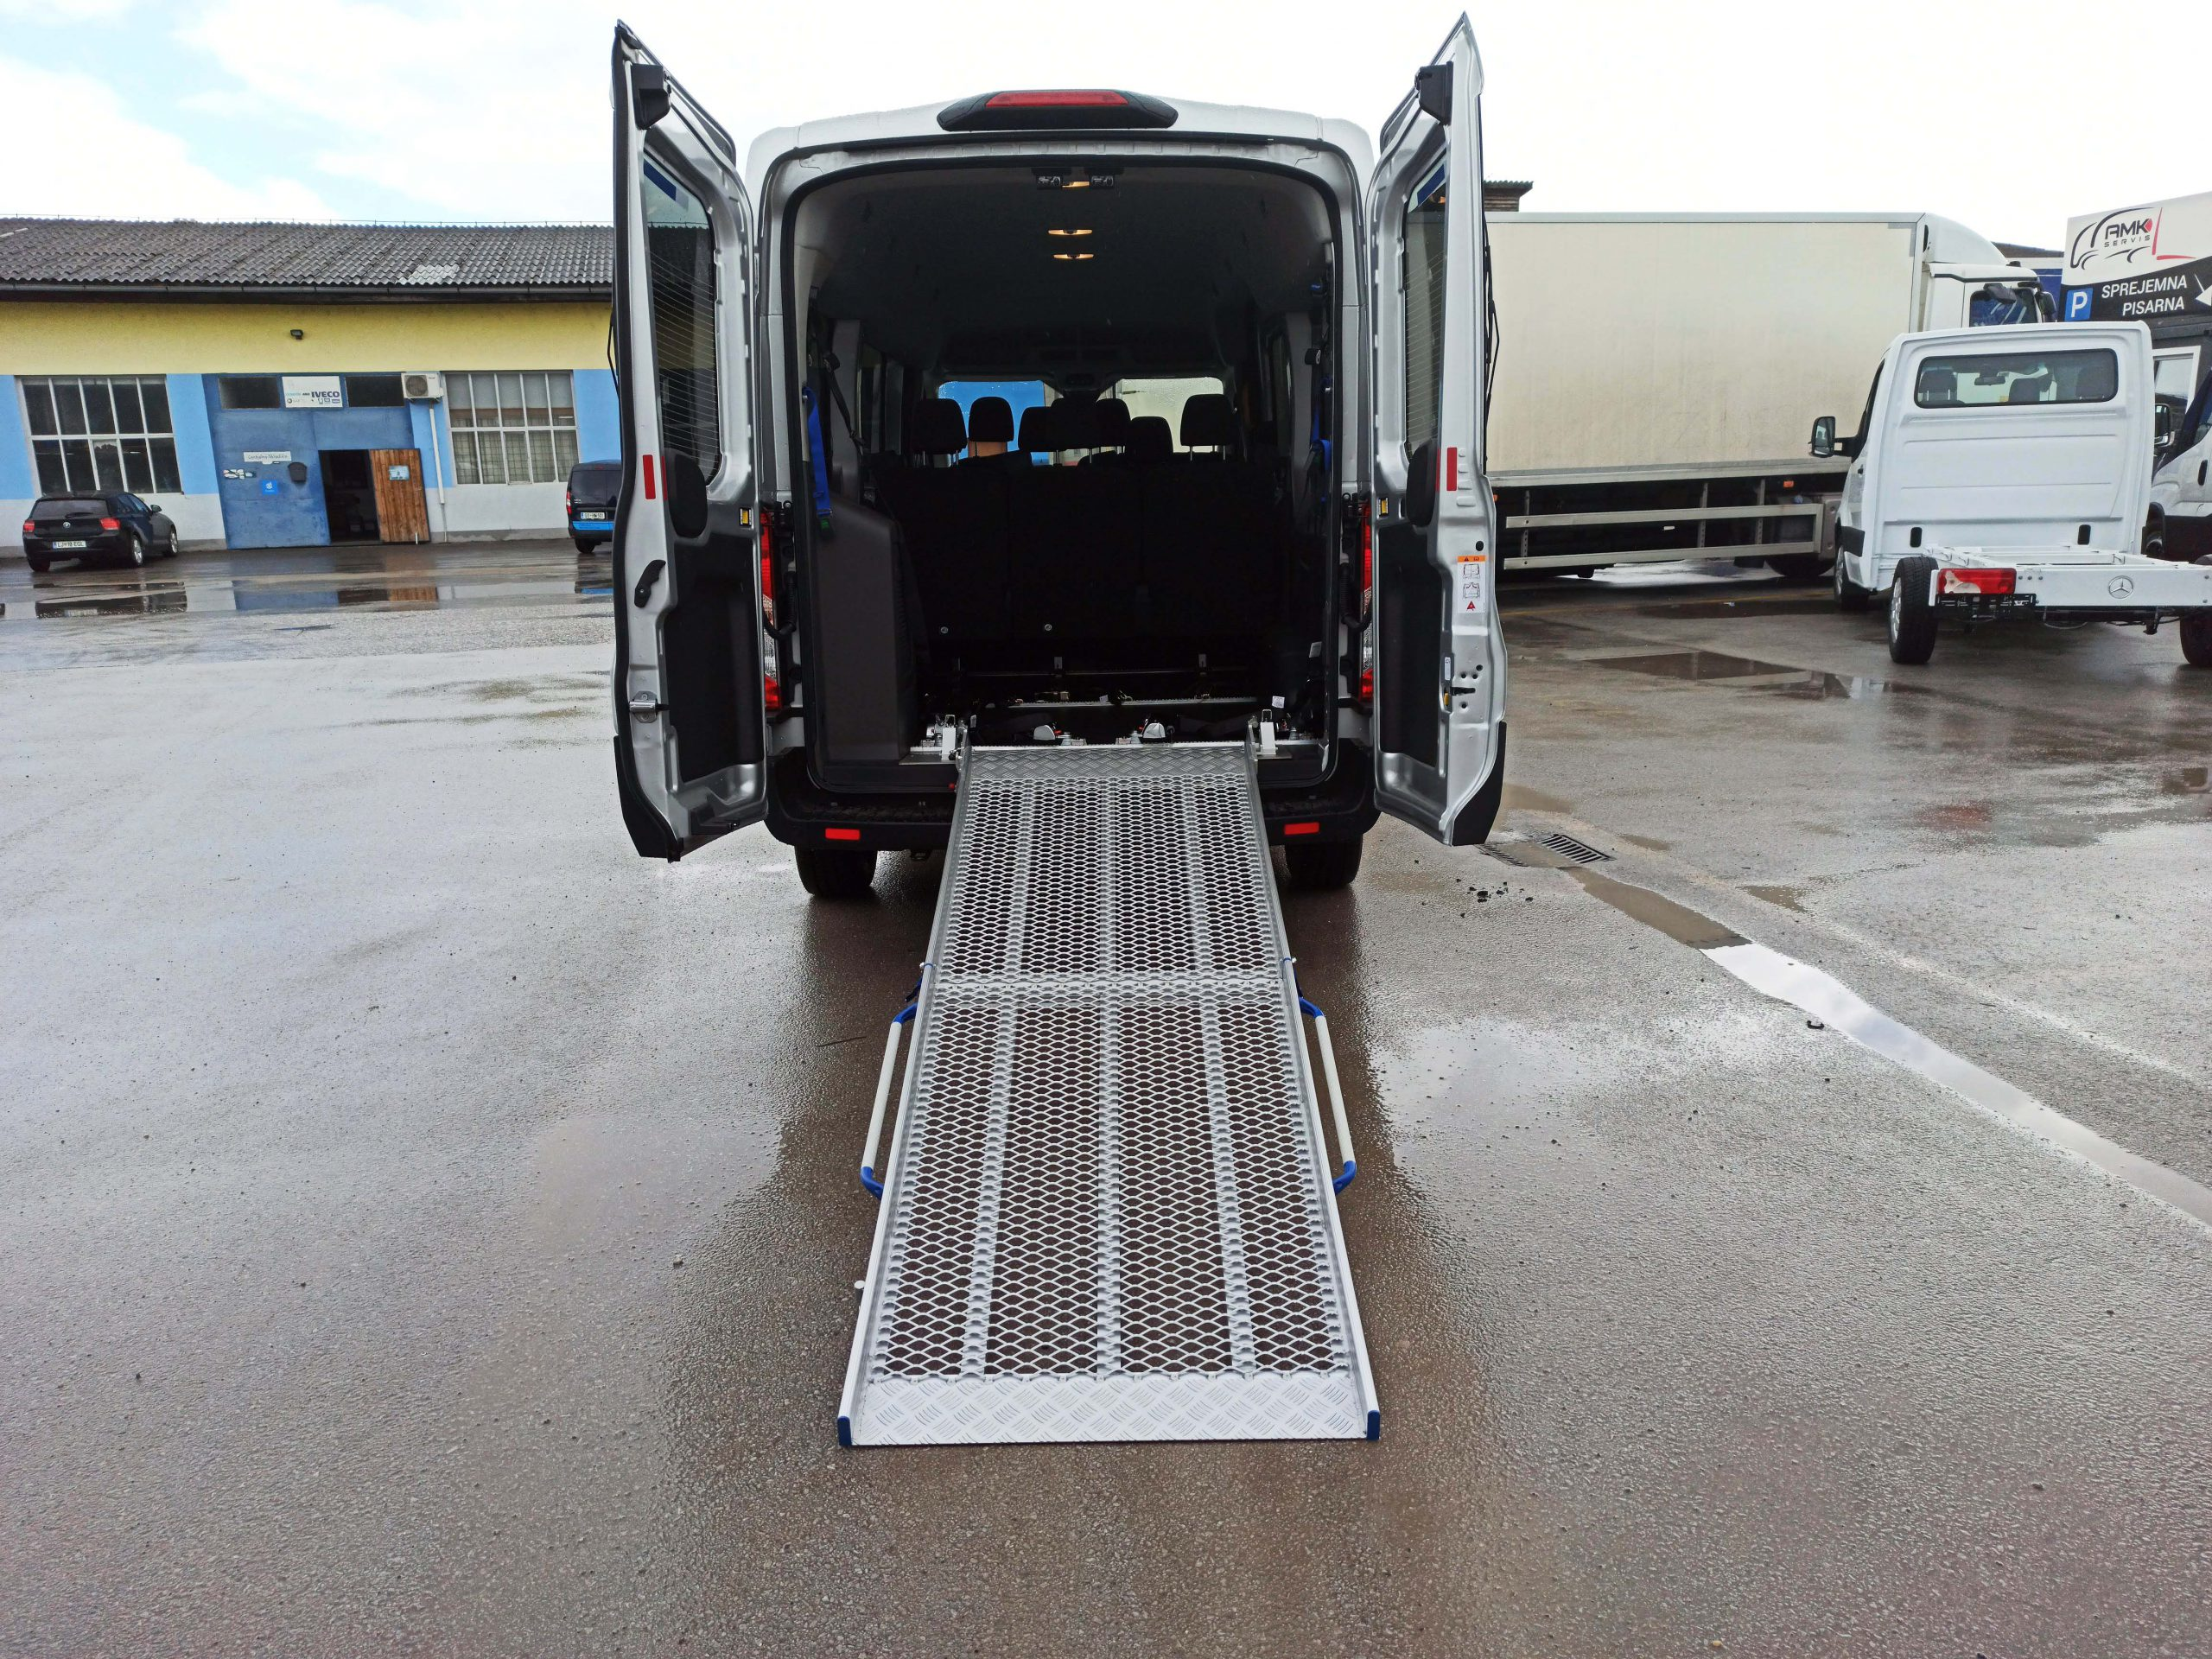 Mehanska aluminijasta rampa za prevoz invalidov